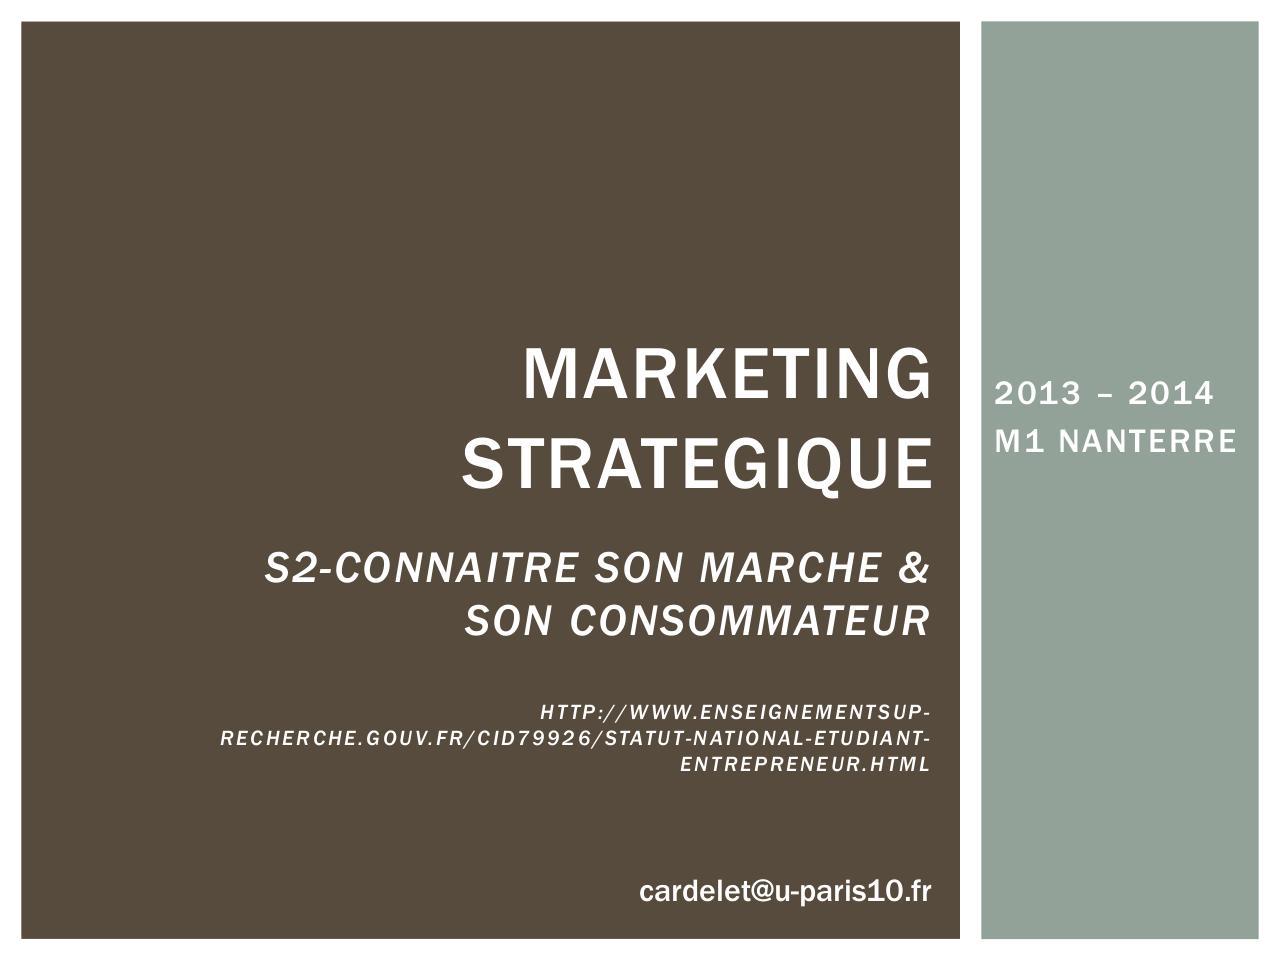 marketing strategique par caroline - resum u00e9 cours mkg strategique pdf